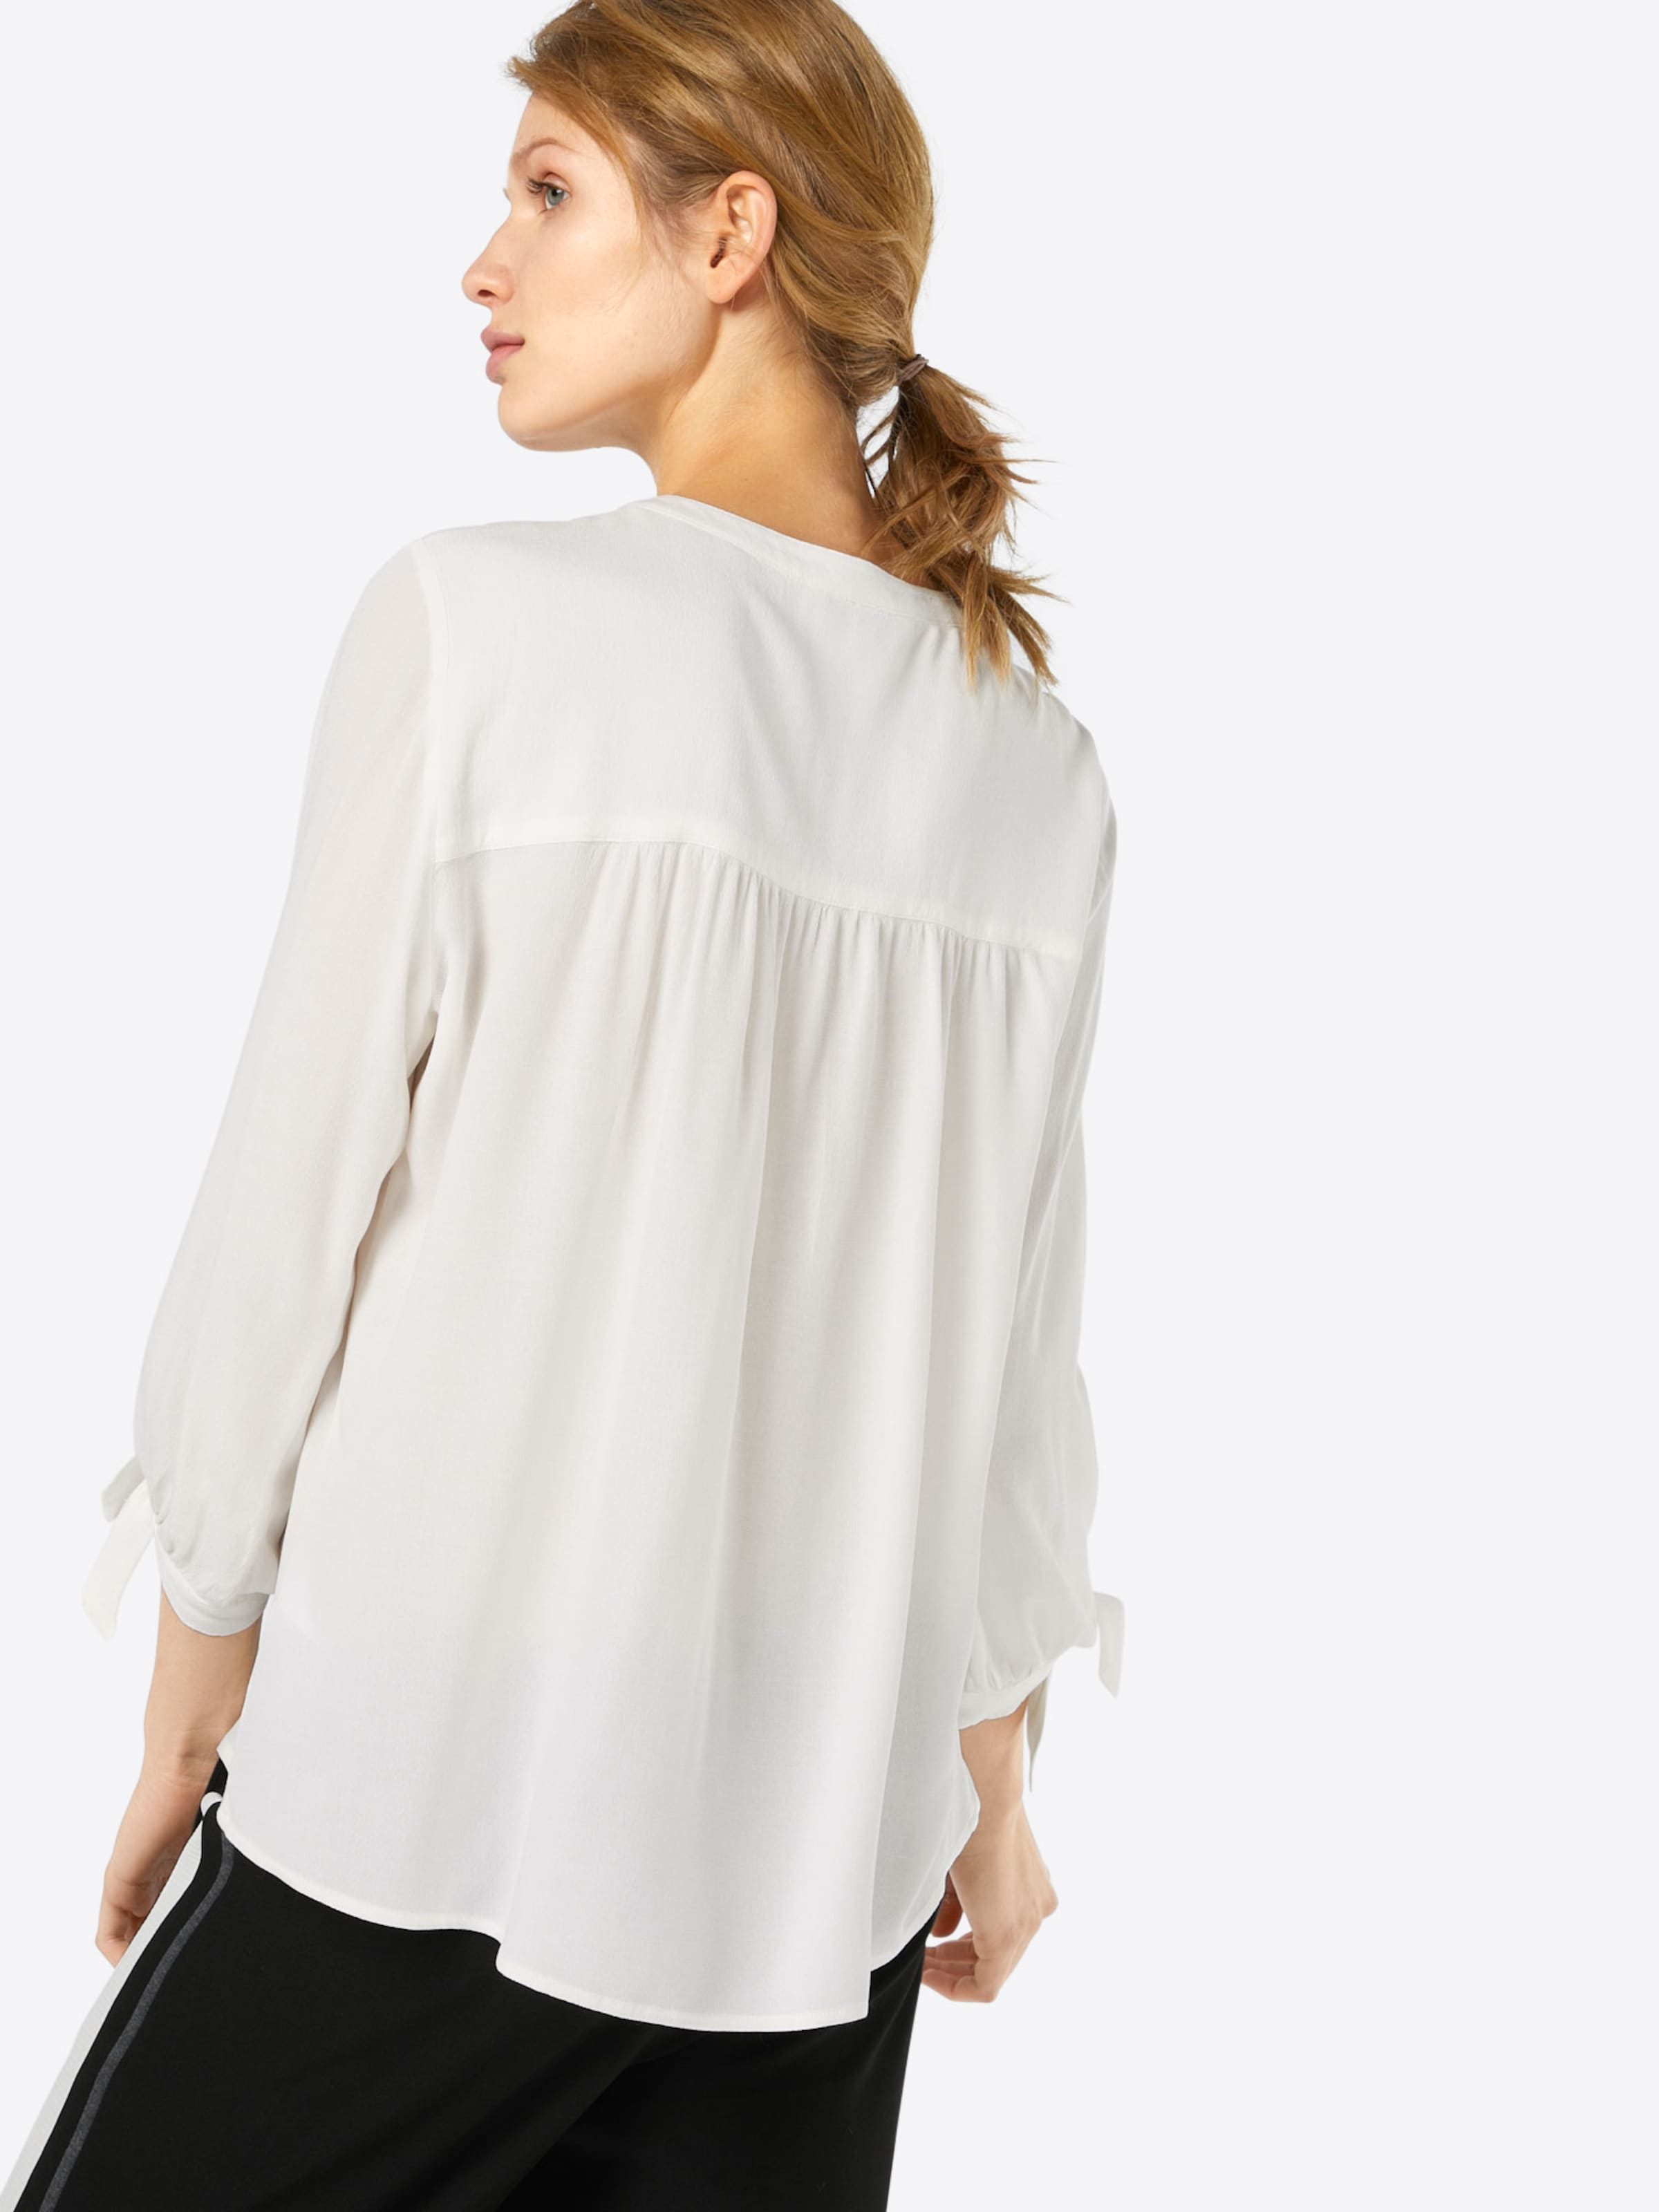 TOM TAILOR DENIM Bluse 'feminine tunic with bow detail' Gutes Angebot Rabatte Günstiger Preis Günstig Kaufen Neueste YHZ7d6